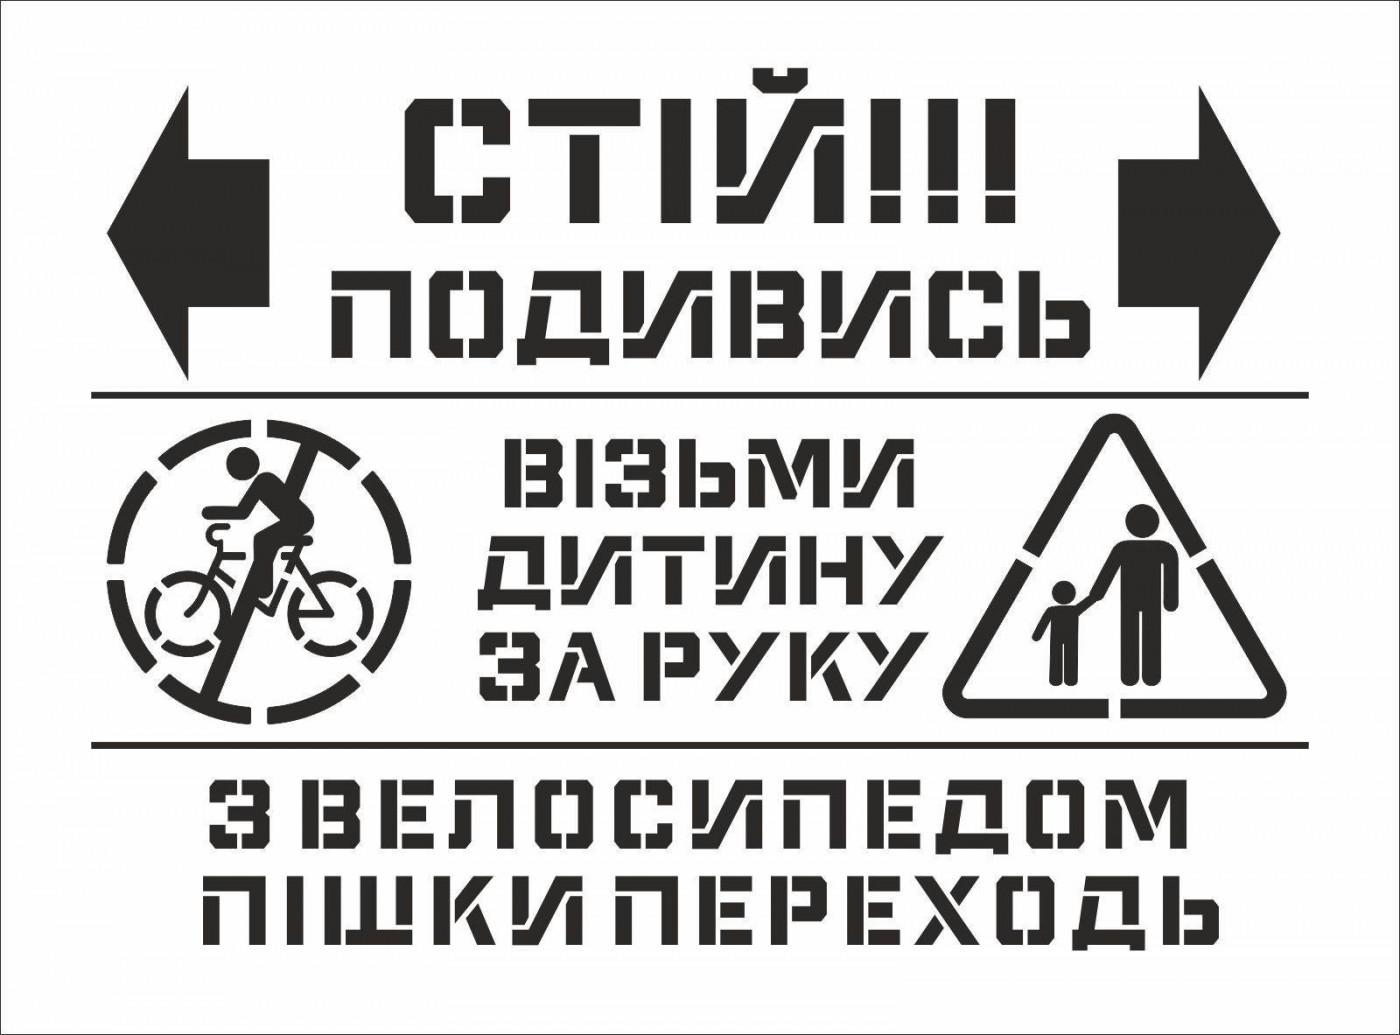 Правила безпеки: в Ірпені наноситимуть попереджувальні написи перед пішохідними переходами - соціальна акція, Приірпіння, правила дорожнього руху, київщина, ірпінь - Napys dor 1